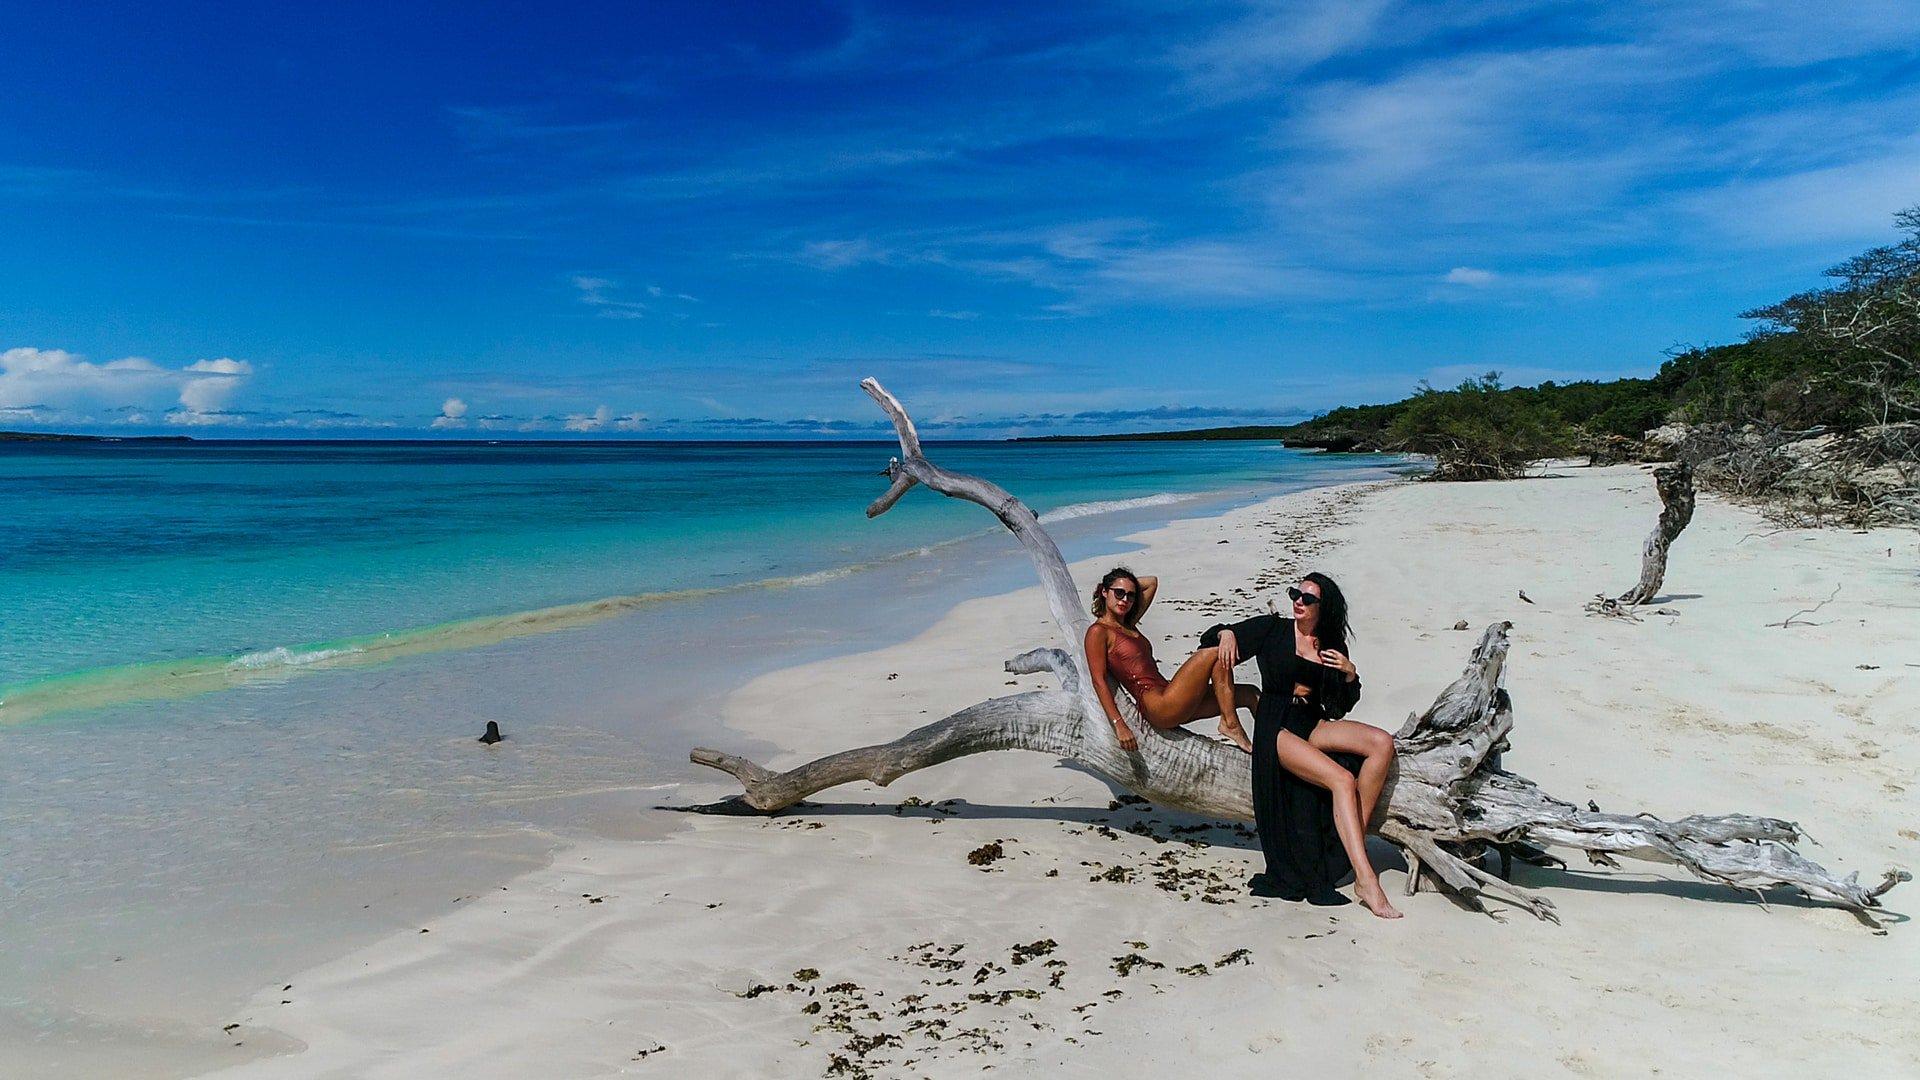 Beach Trips To Enjoy In Madagascar